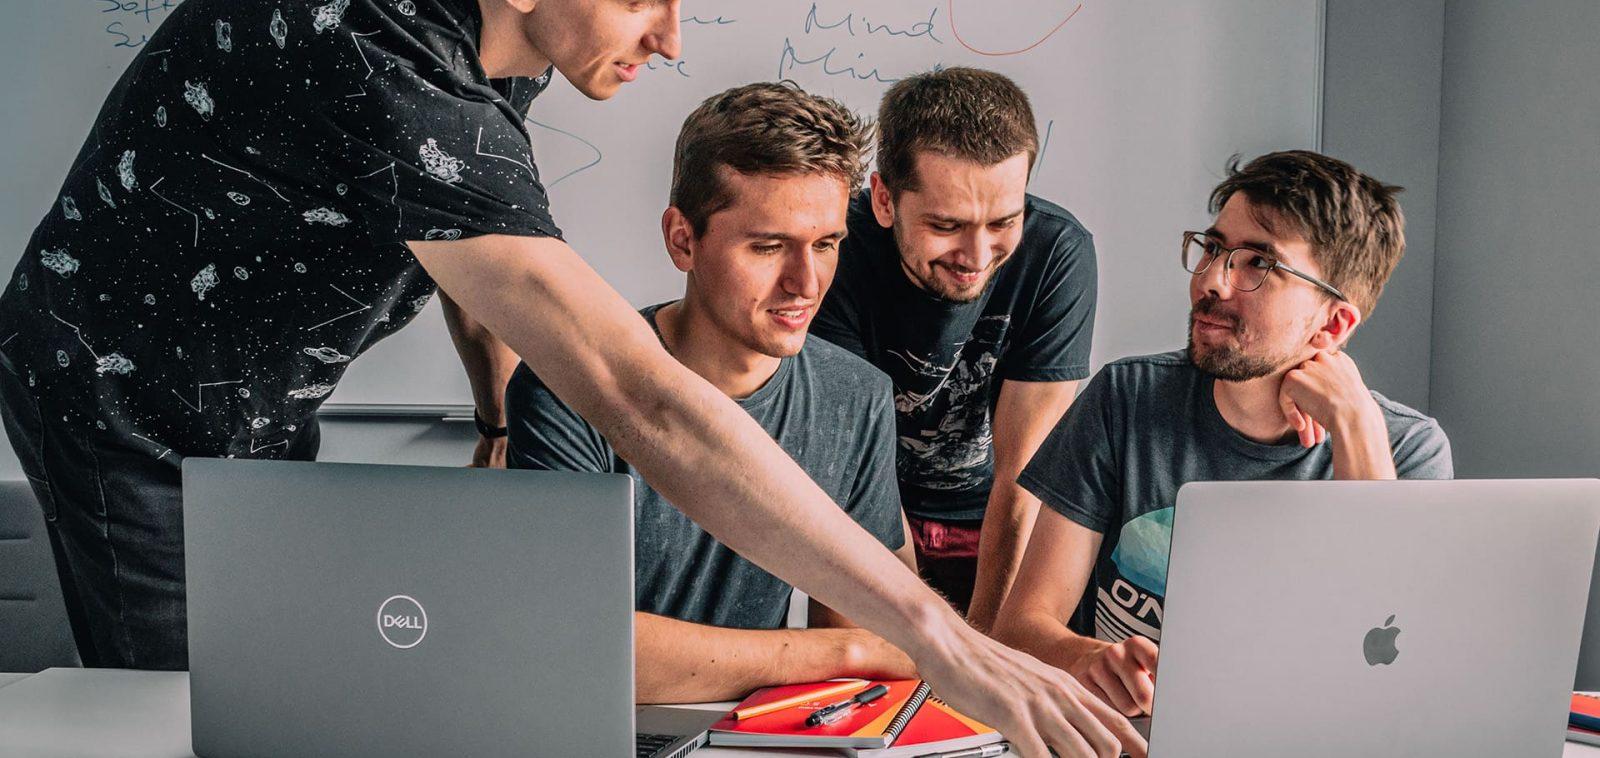 Czterech mężczyzn rozmawia przy biurku, dwoje z nich siedzi przed laptopami. Za nimi wisi na ścianie biała tablica.